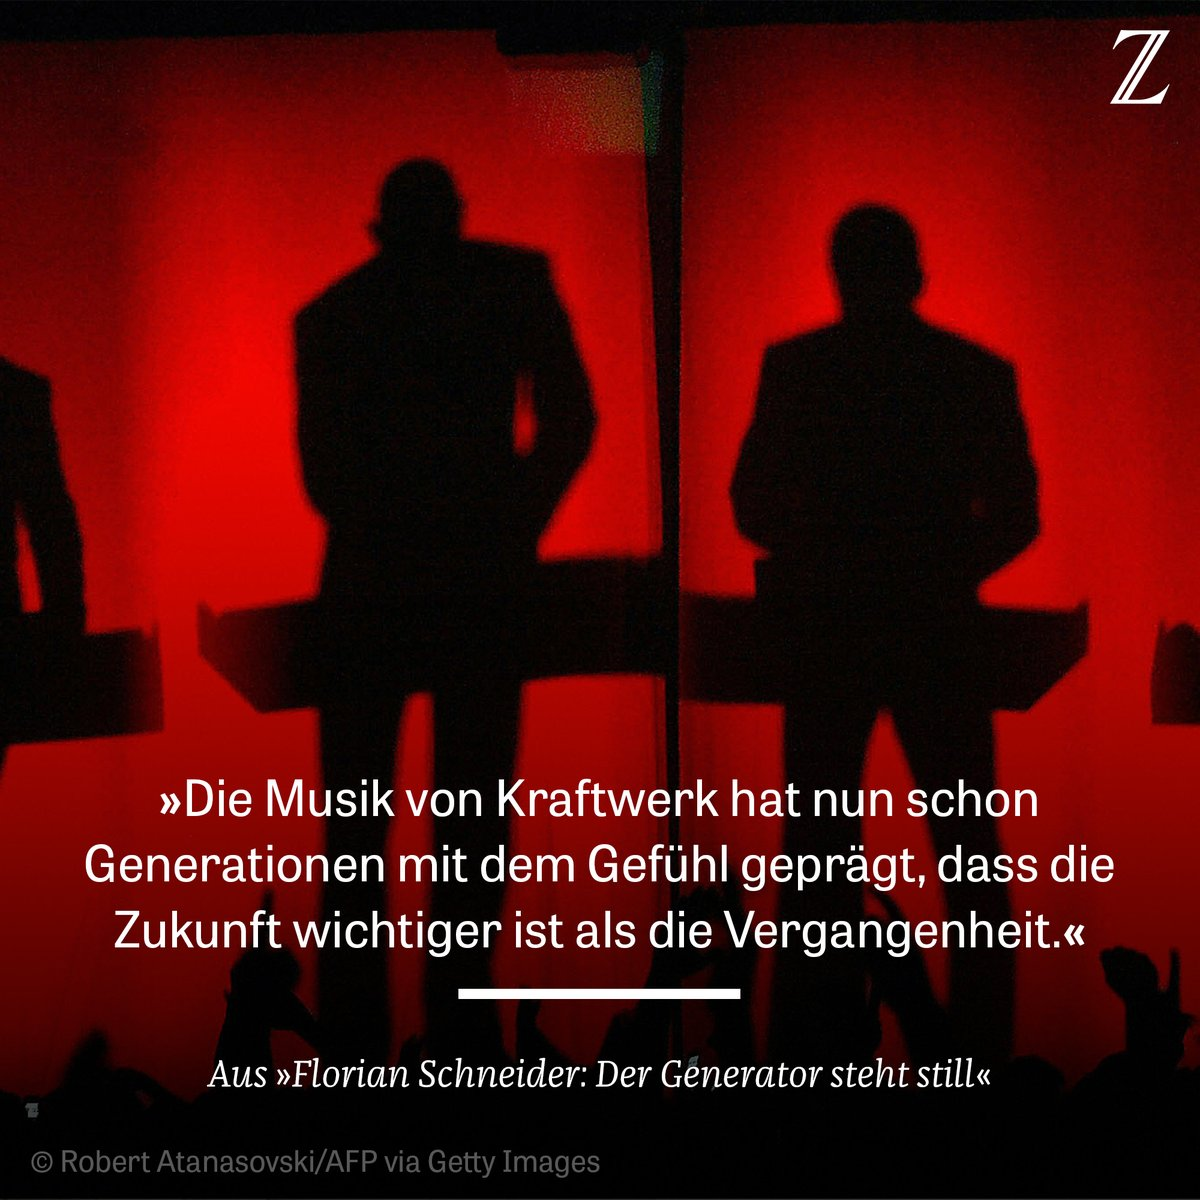 #Kraftwerk